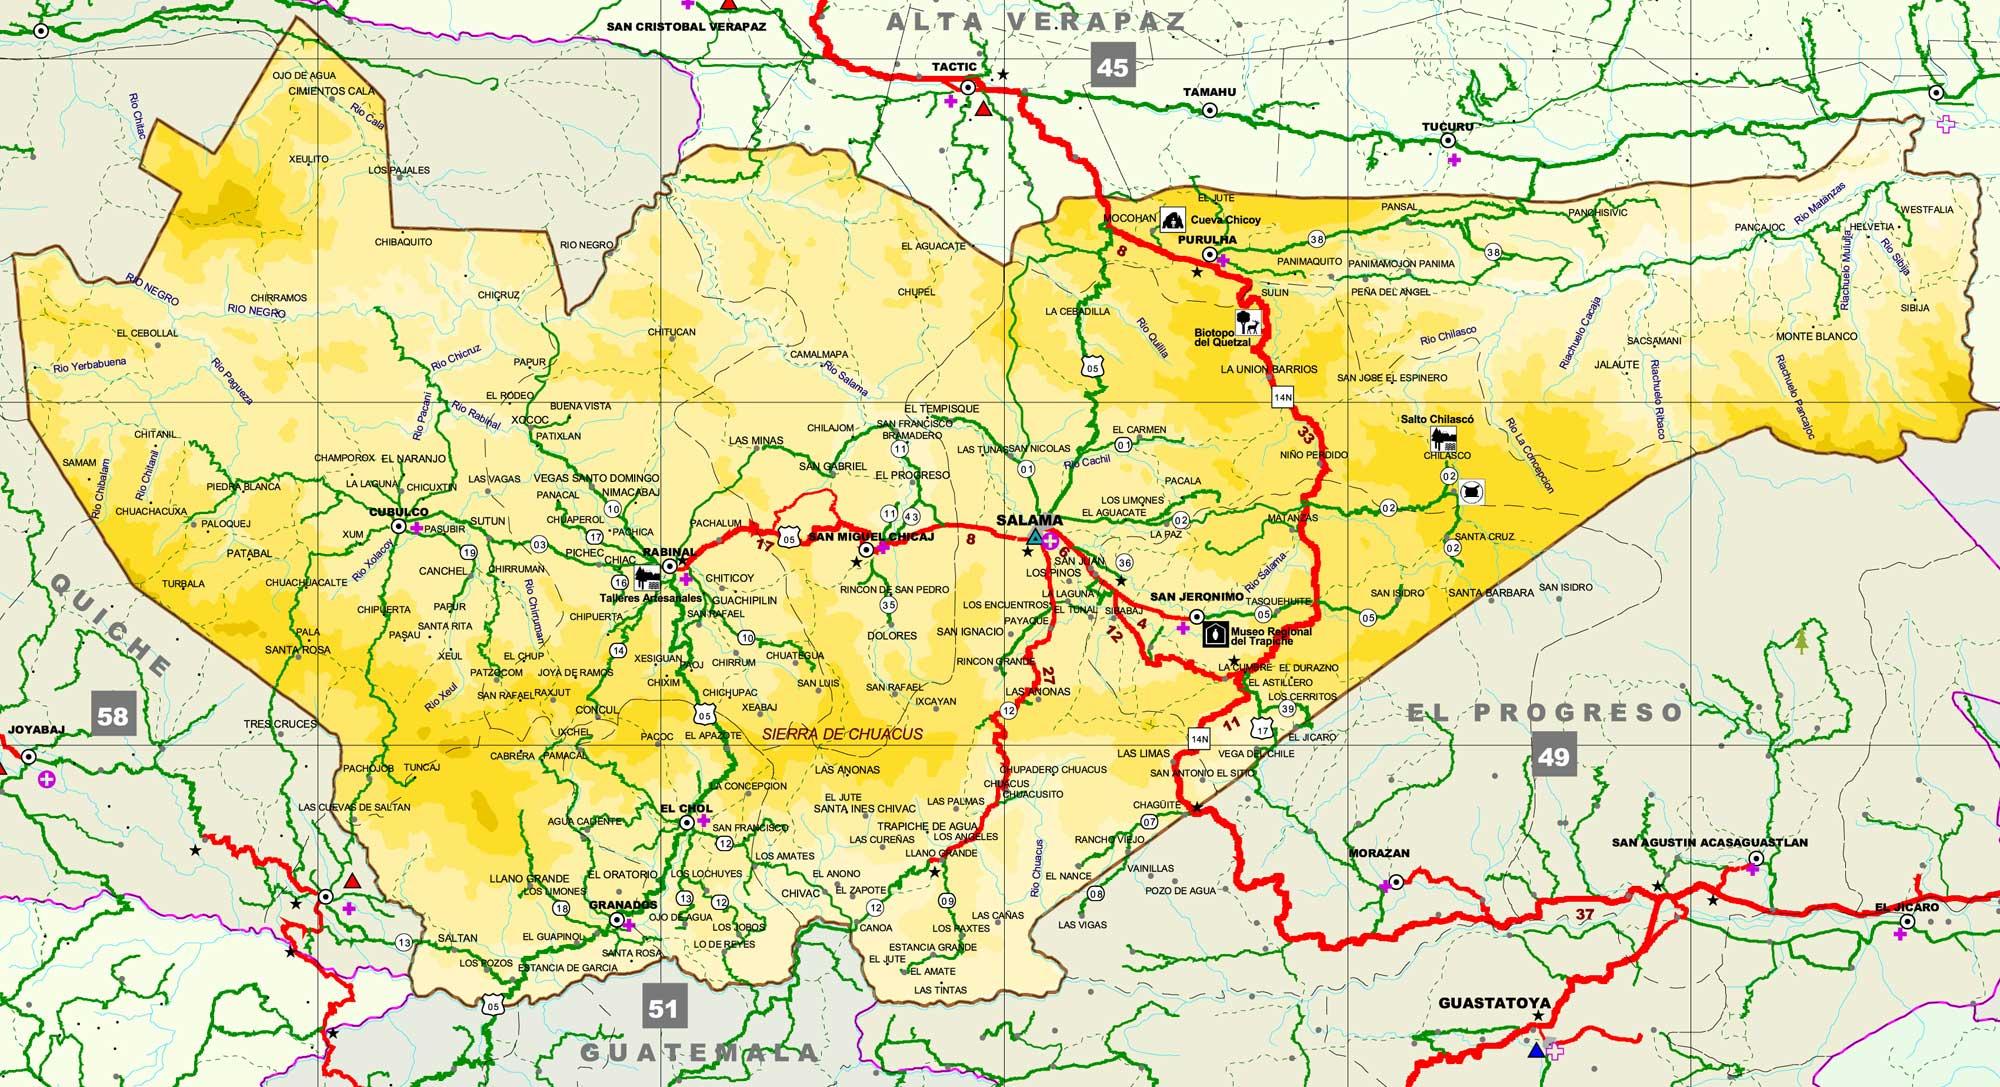 Mapa de Baja Verapaz